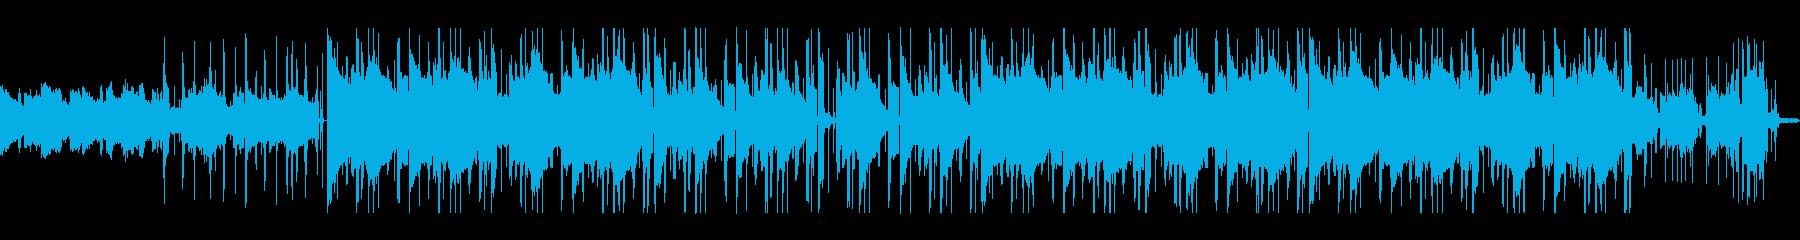 サックスが響く朝のLo-fiヒップホップの再生済みの波形